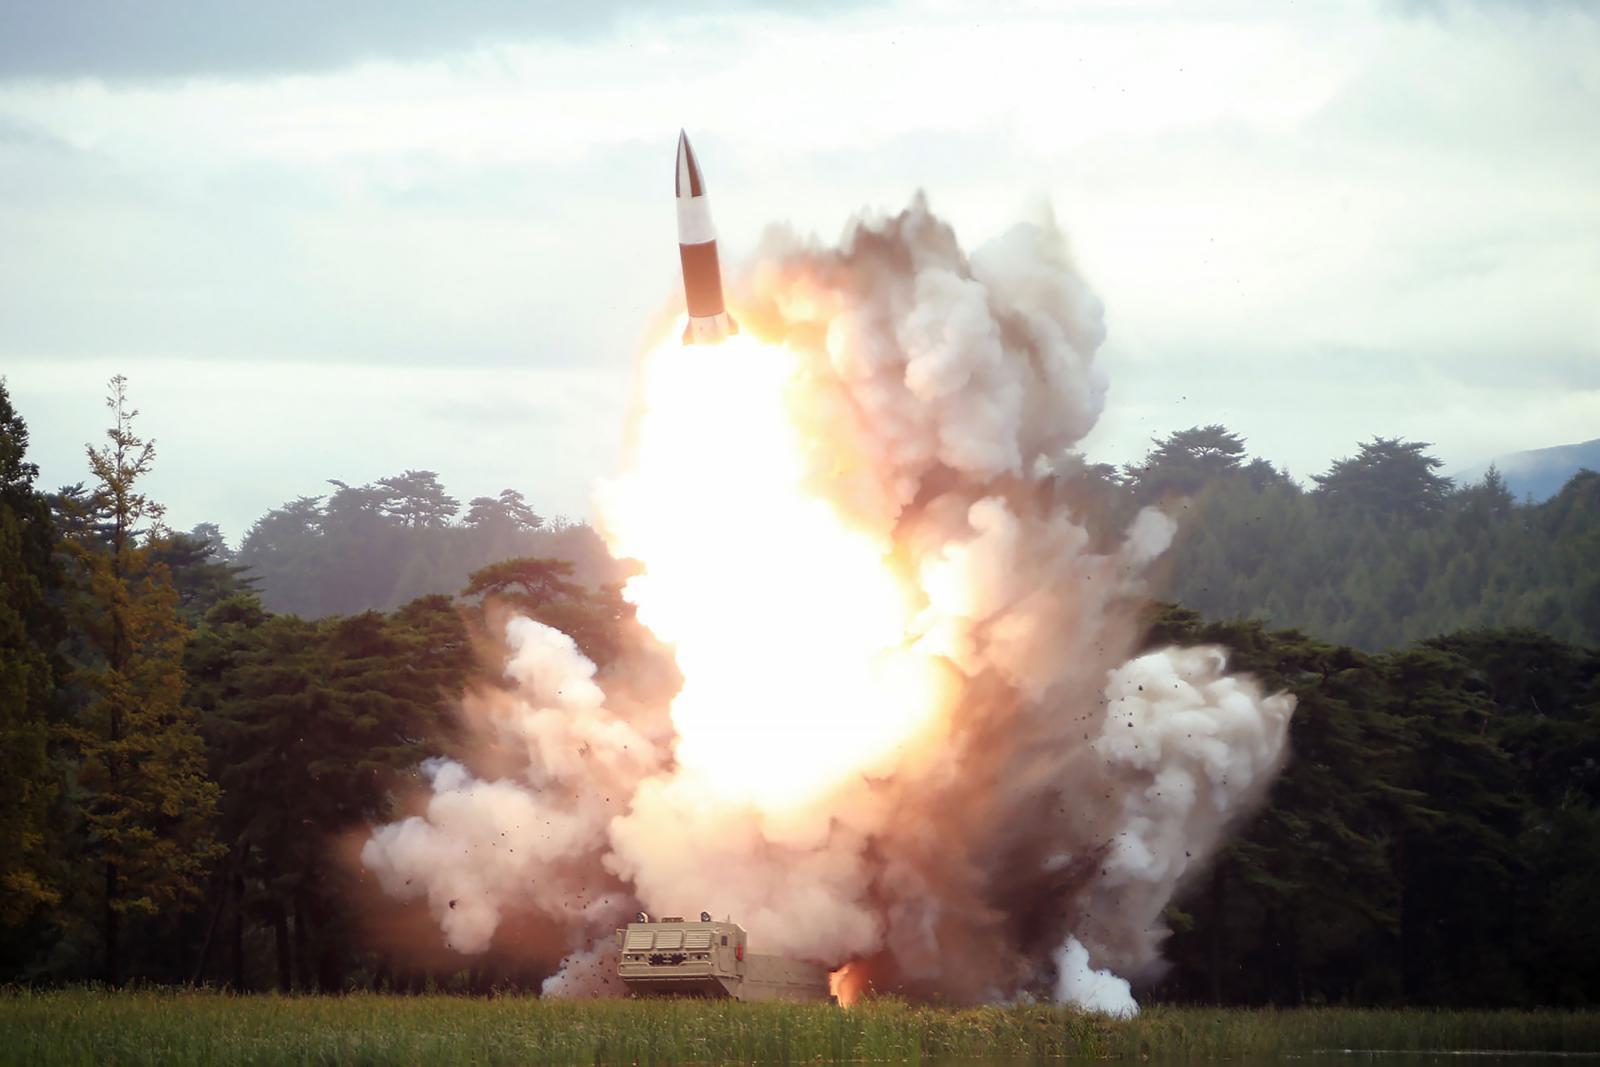 เกาหลีเหนือยิงขีปนาวุธครั้งที่ 7 ในรอบ 2 เดือน